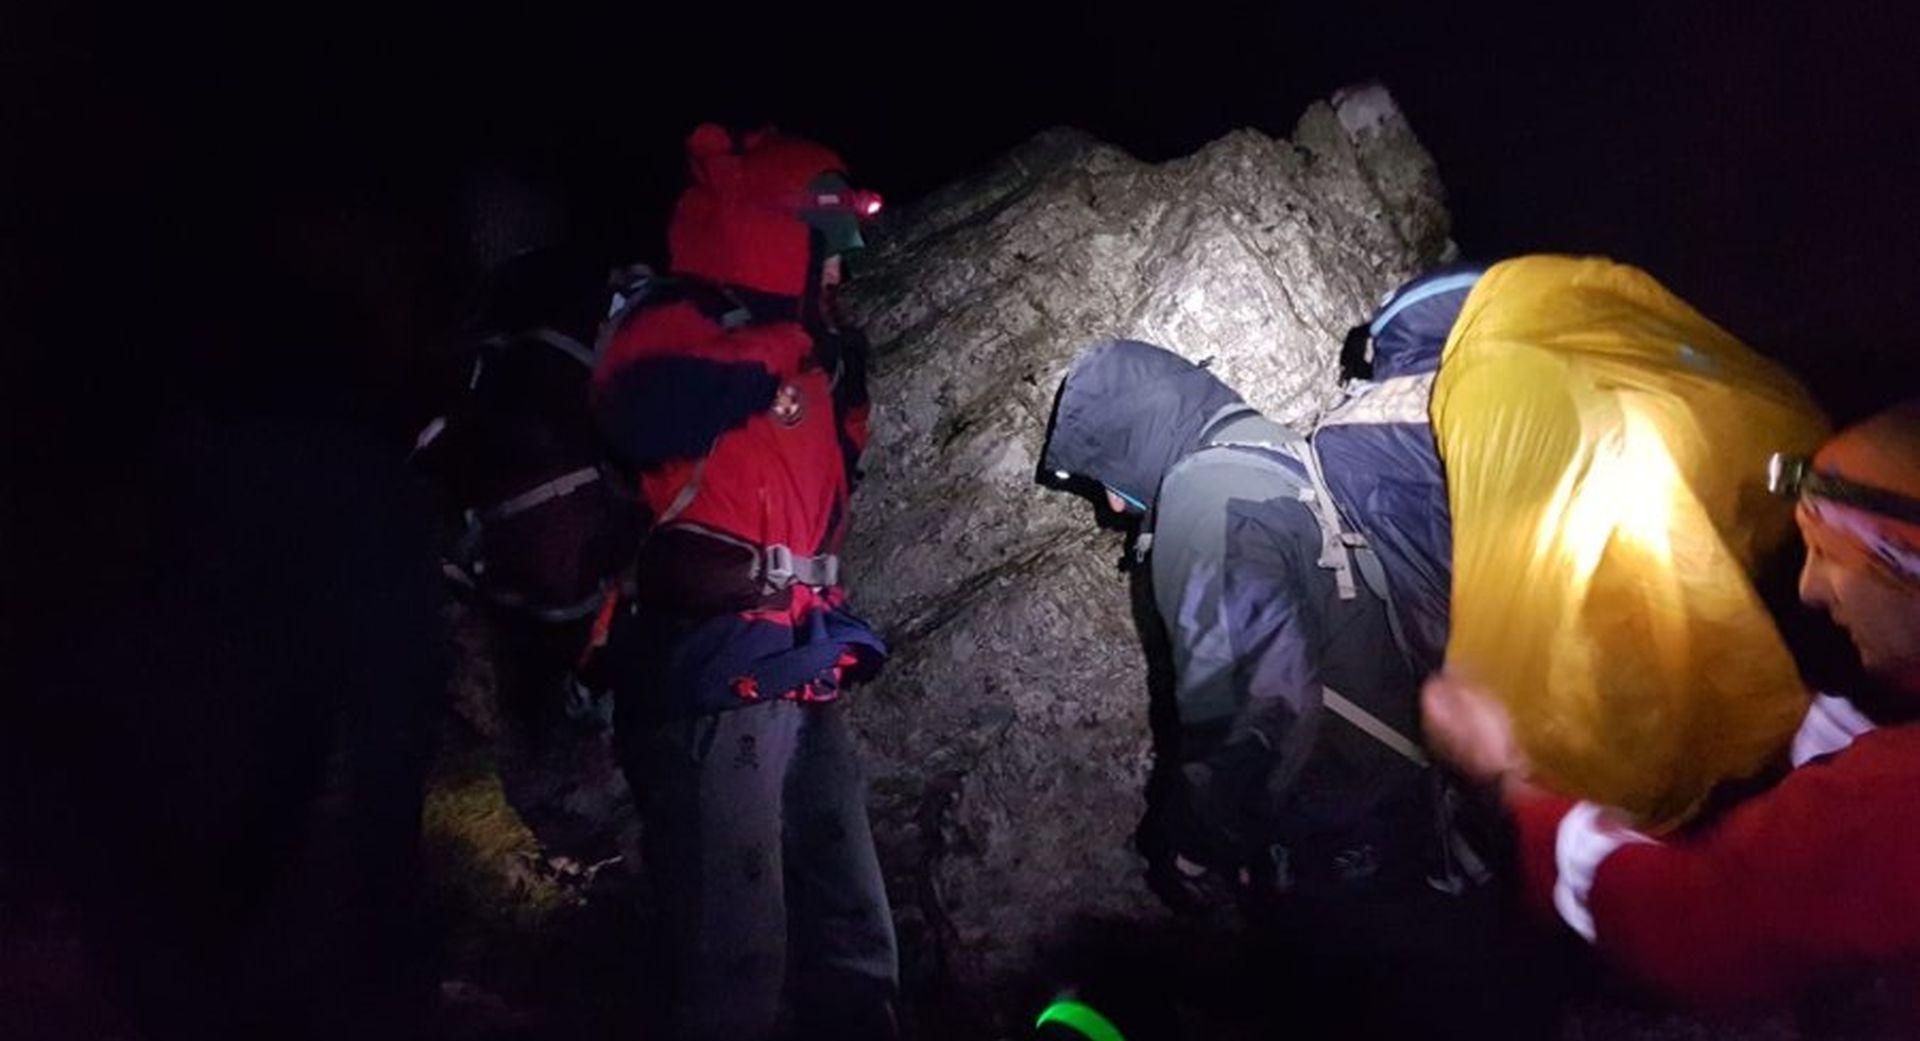 Planinare na Velebitu zahvatila oluja, spasili ih HGSS-ovci